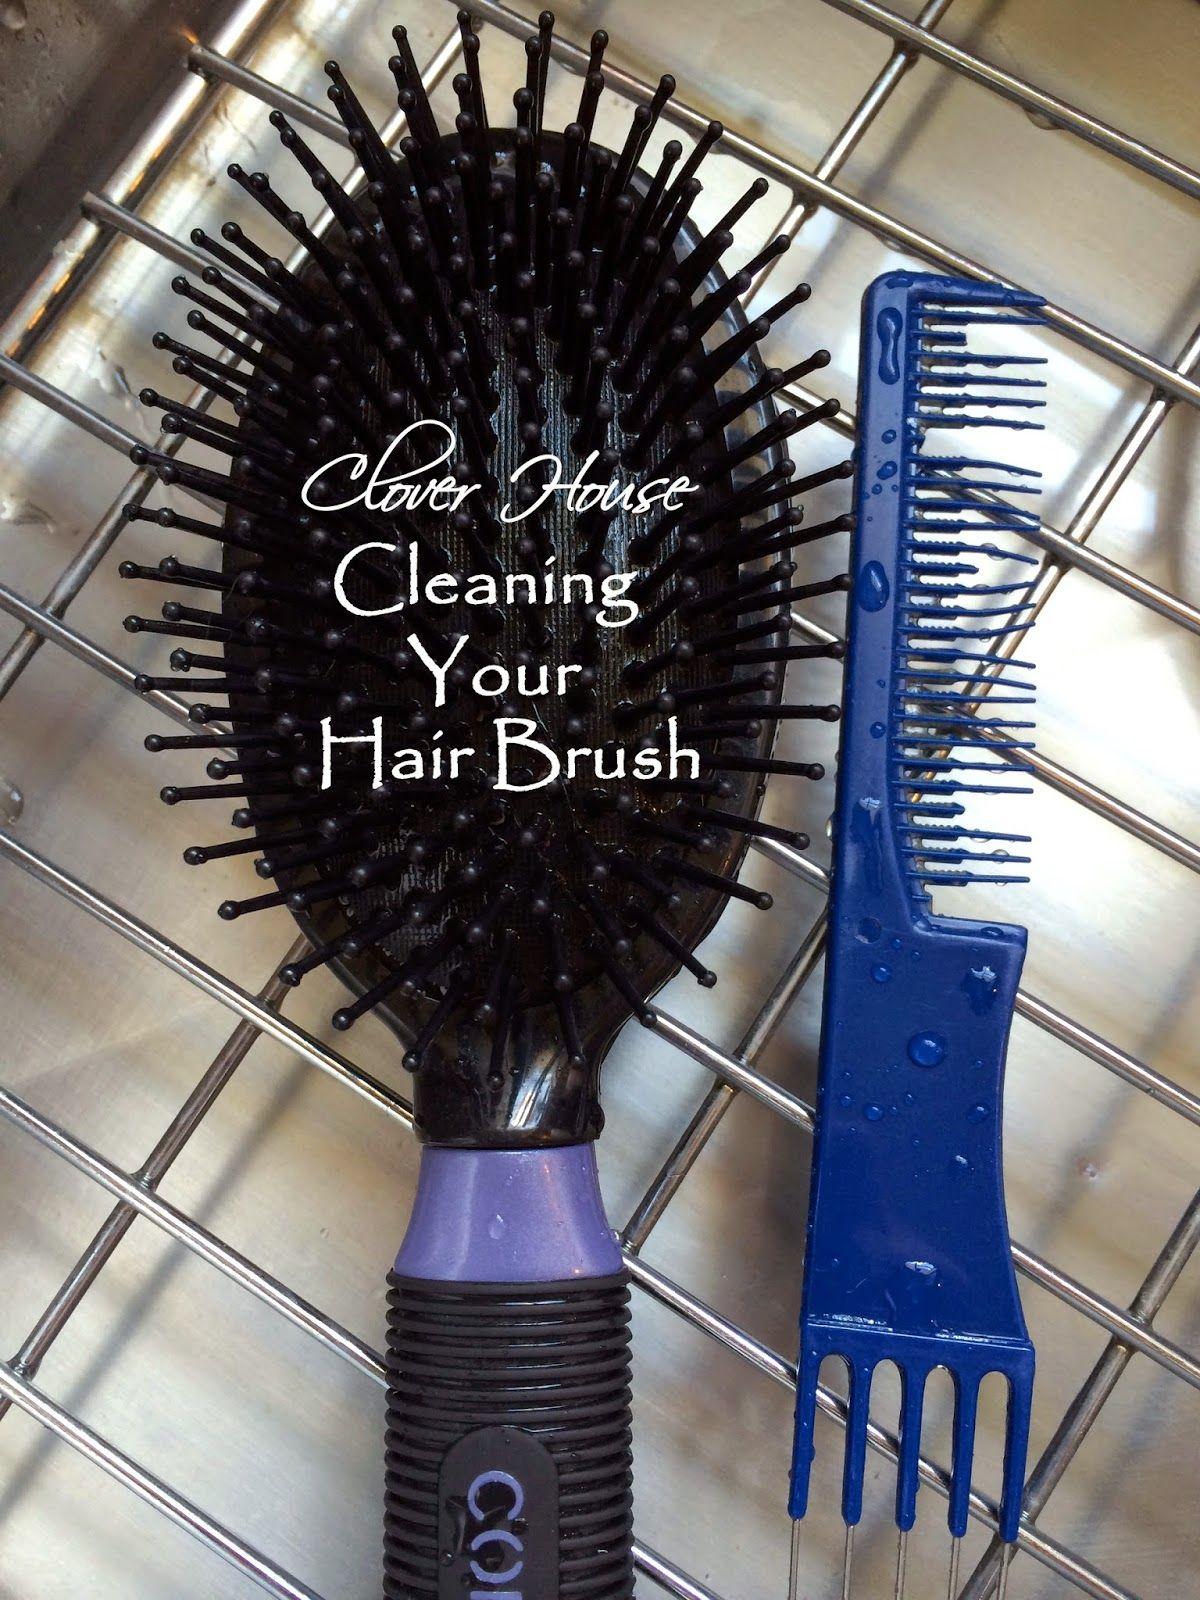 Harjoja ei heitetä pois ku ne alkaa näyttää ällöltä, vaan: Clover House: #Cleaning Your #Hairbrush the Easy Way Toimii, pelkässä soodavedessäkin lillutus jees.